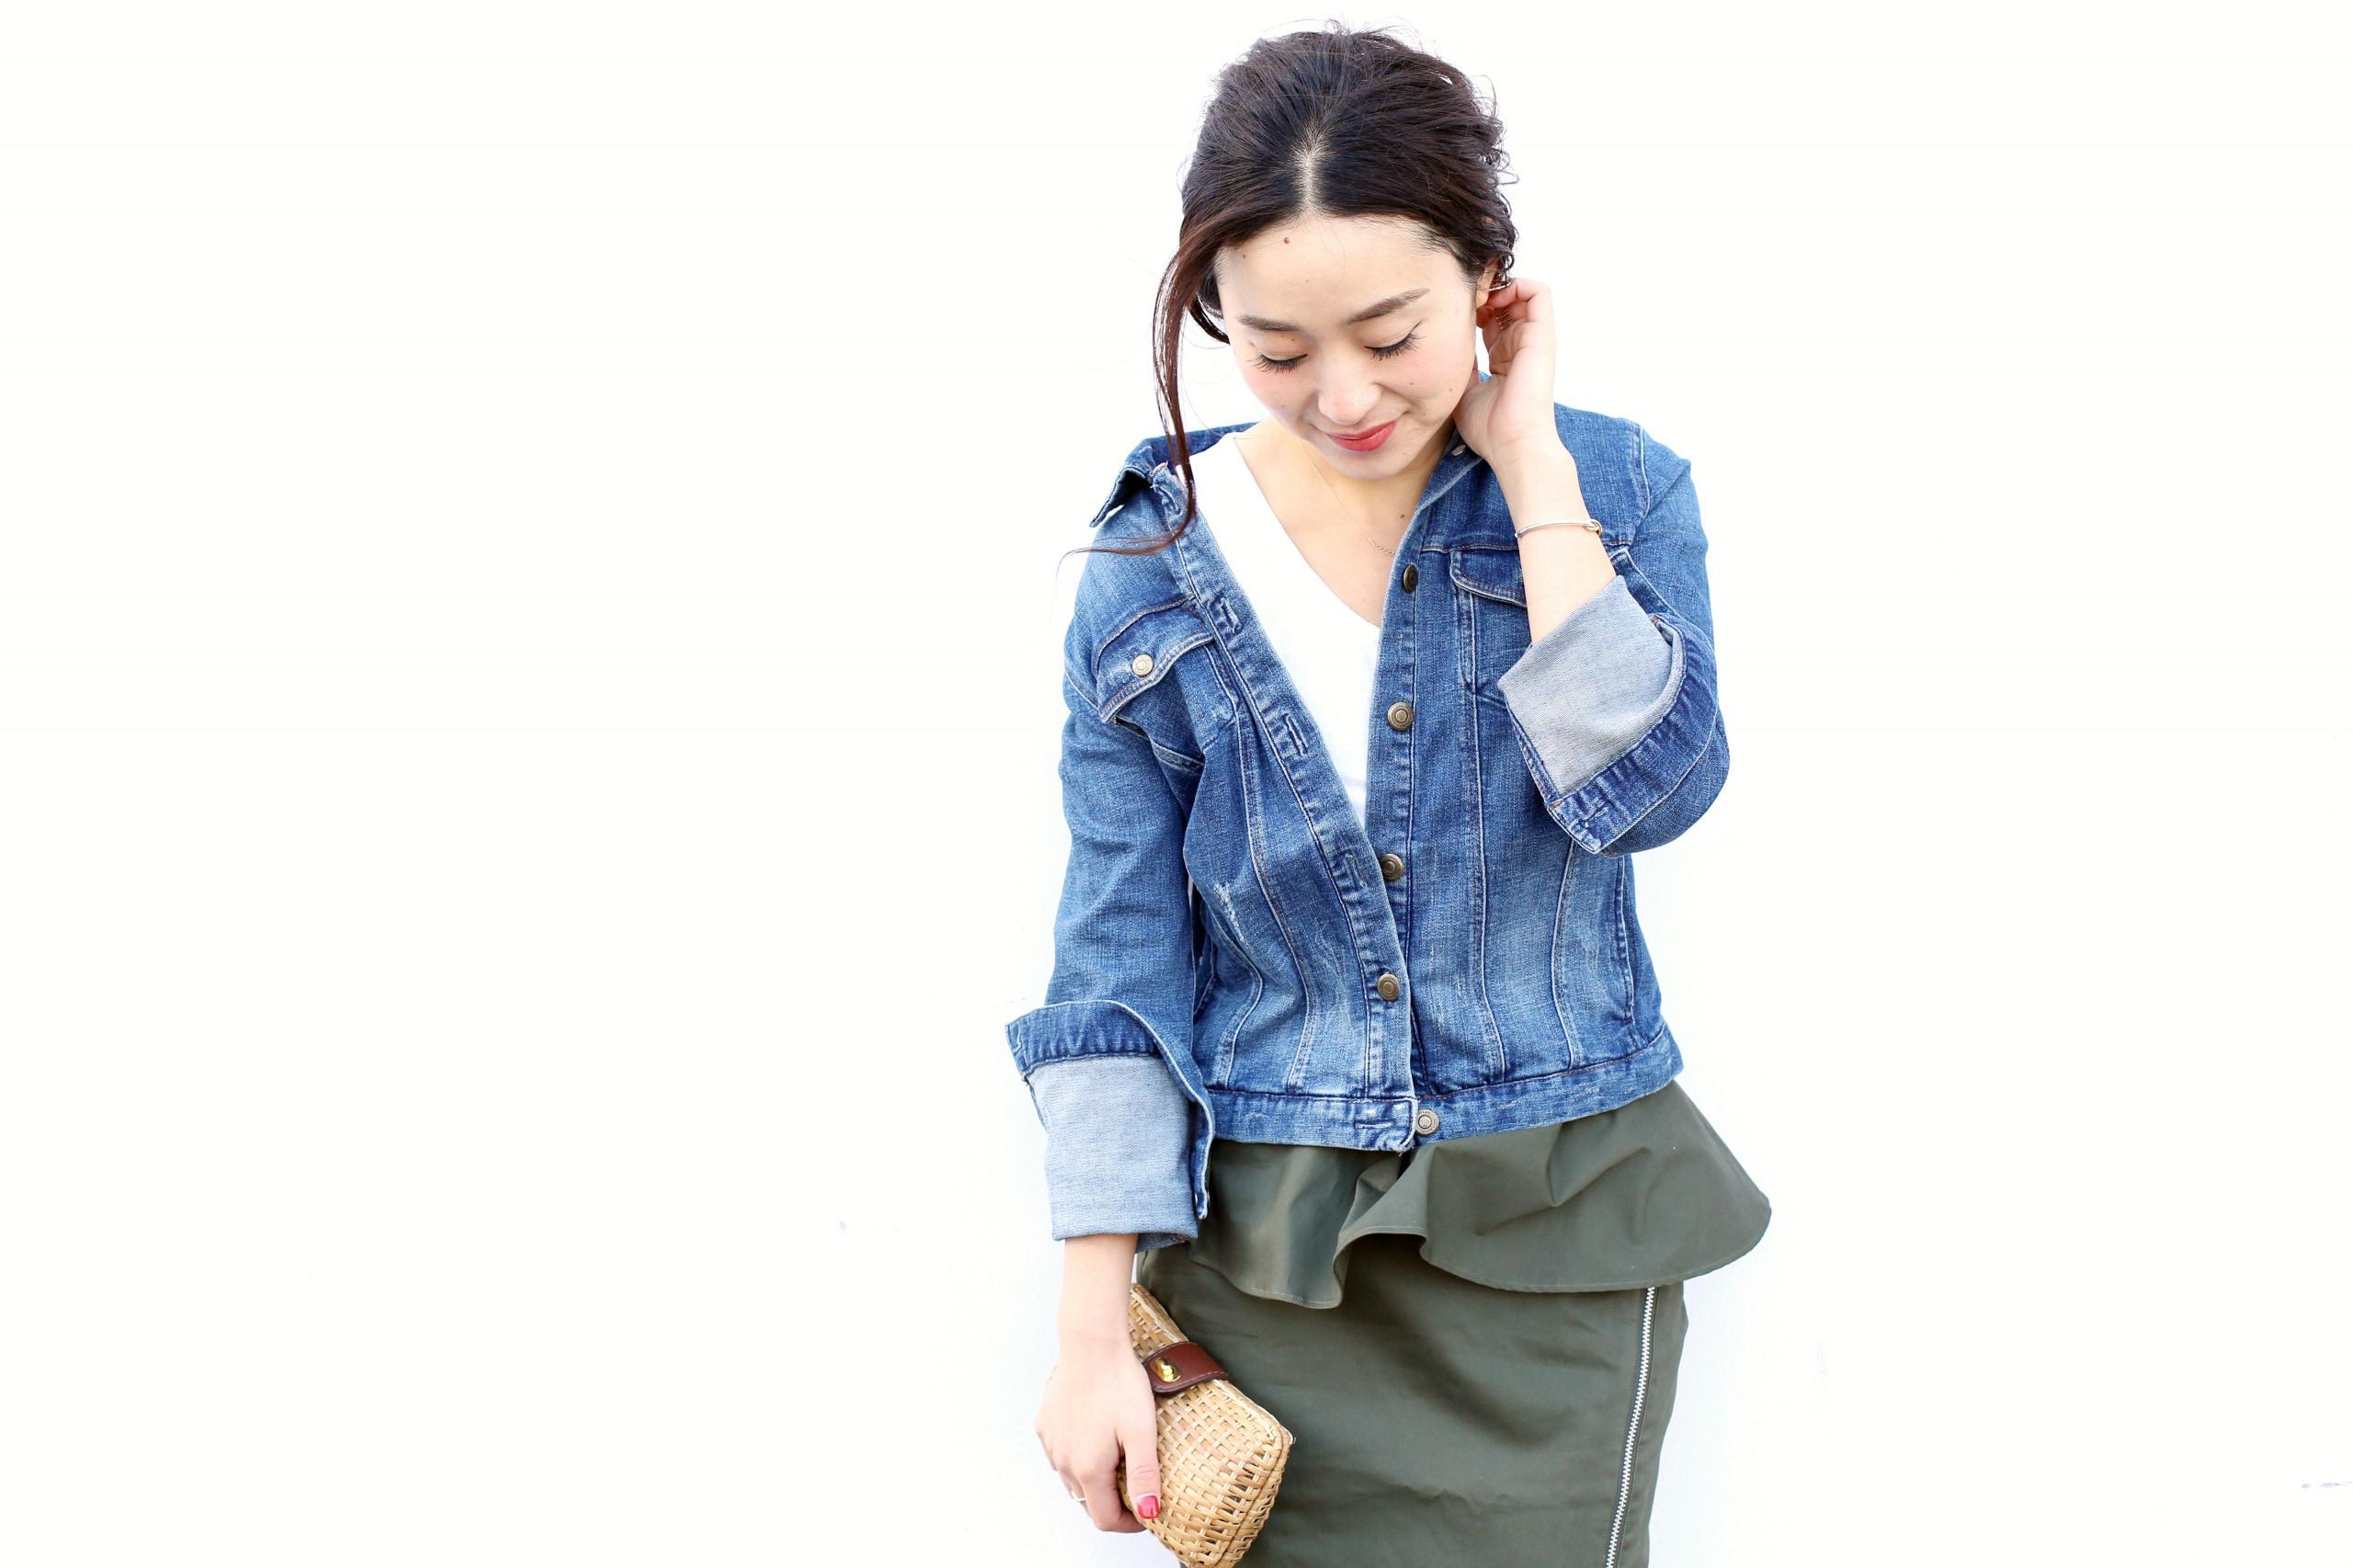 今春はデニムジャケットを女性らしく着こなしたい/長屋なぎささんの7days coordinate ♯Day3